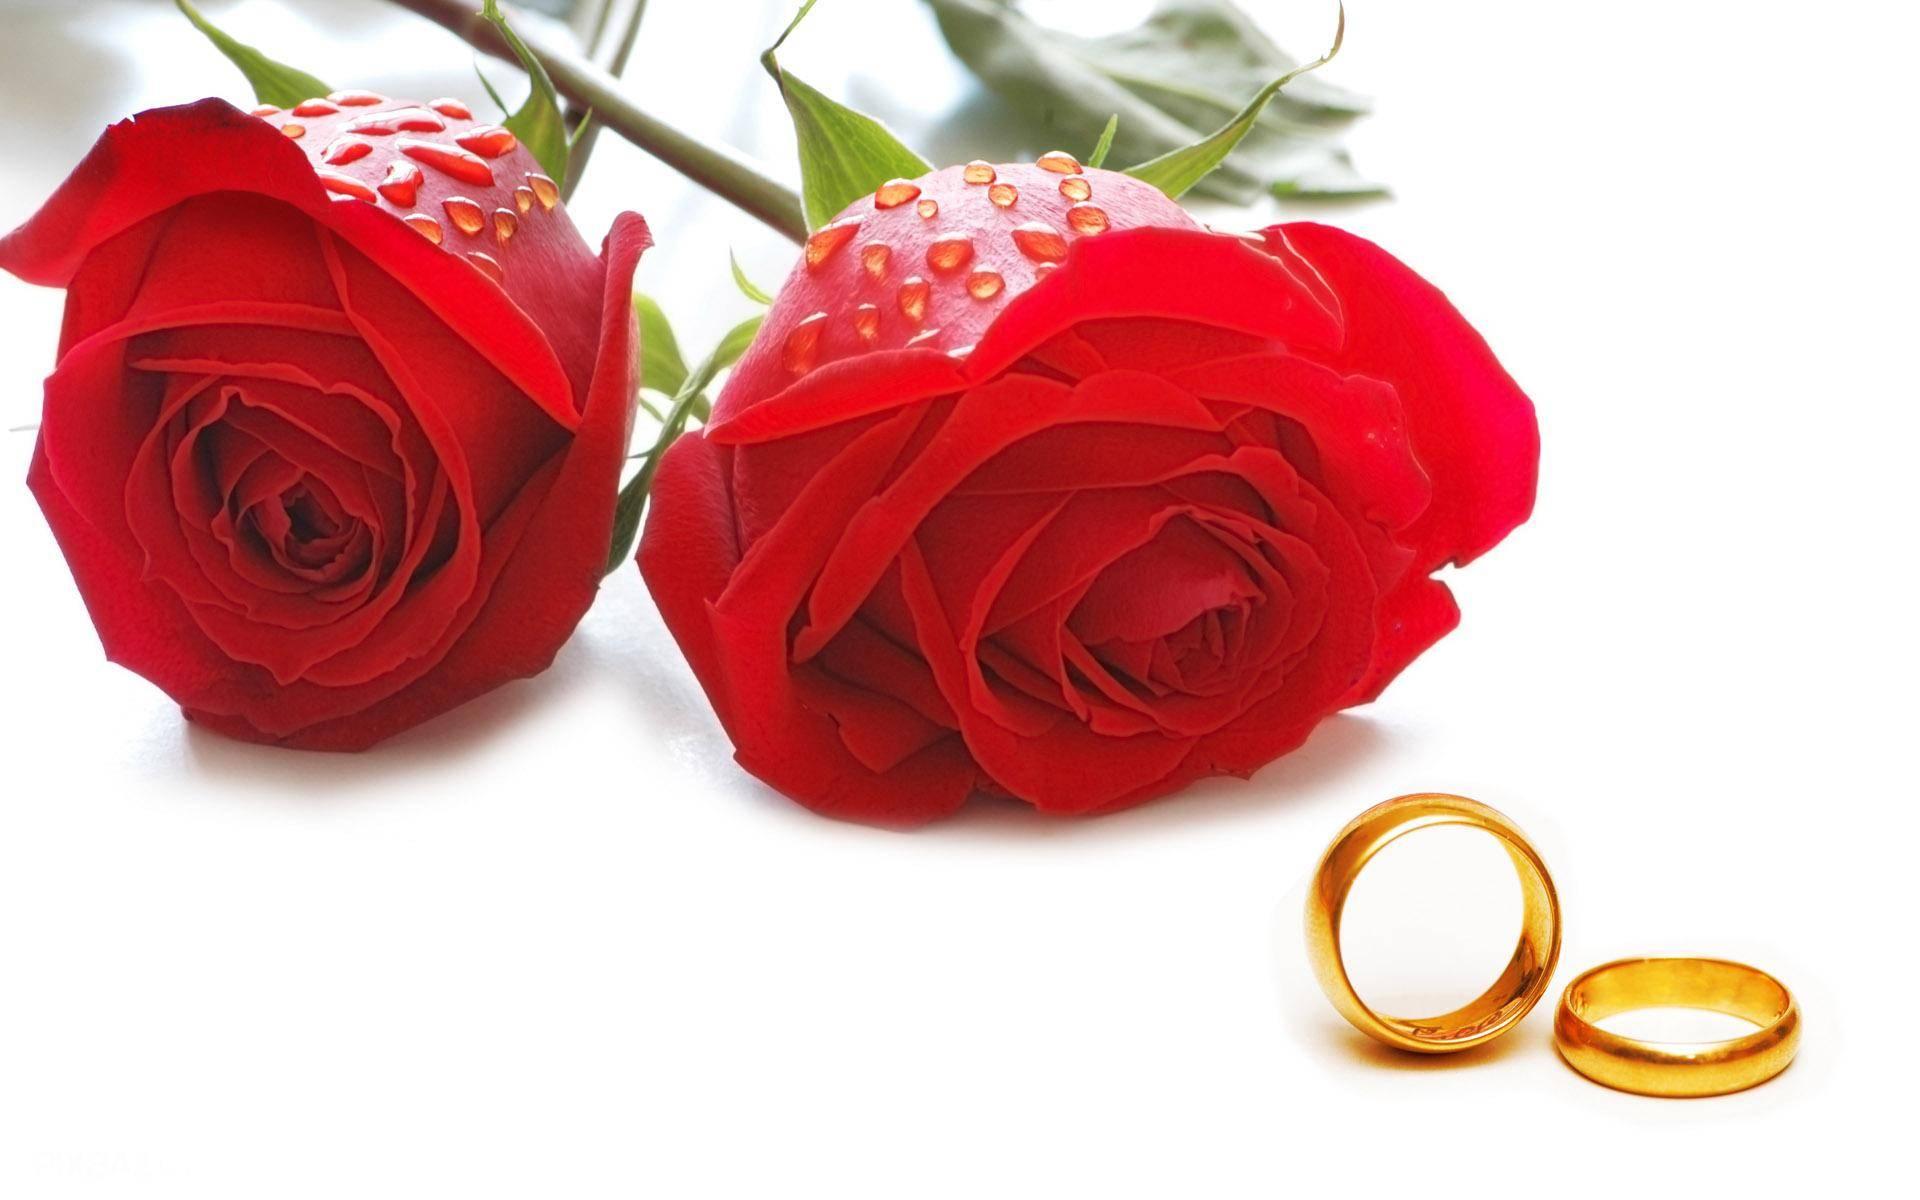 تعطیلی موقت فروشگاه به علت ازدواج مدیریت فروشگاه یاس